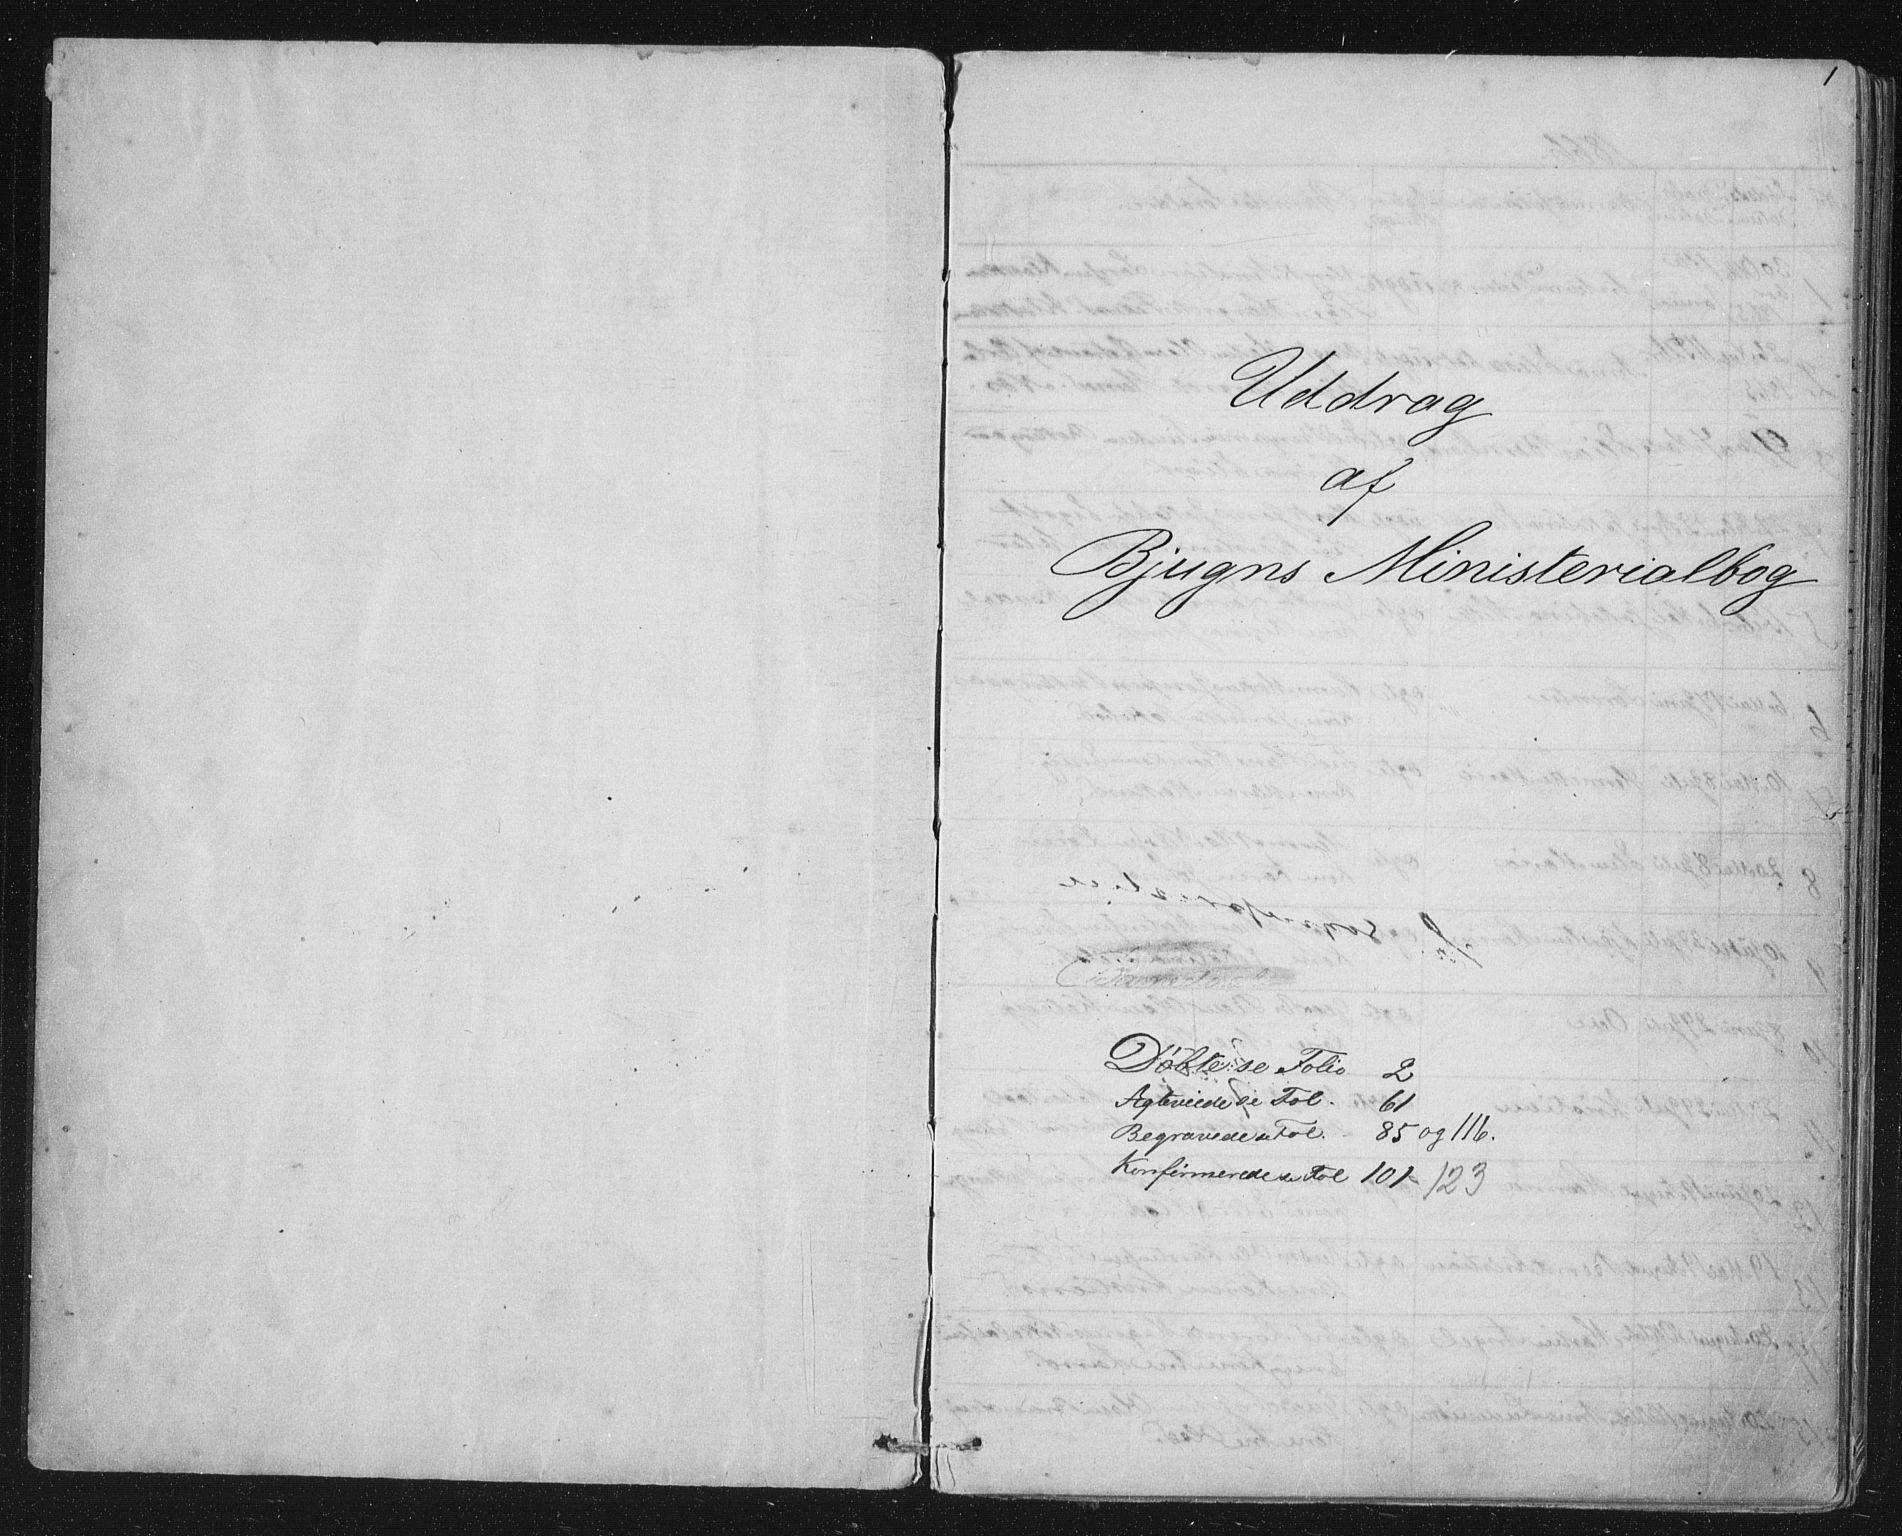 SAT, Ministerialprotokoller, klokkerbøker og fødselsregistre - Sør-Trøndelag, 651/L0647: Klokkerbok nr. 651C01, 1866-1914, s. 1